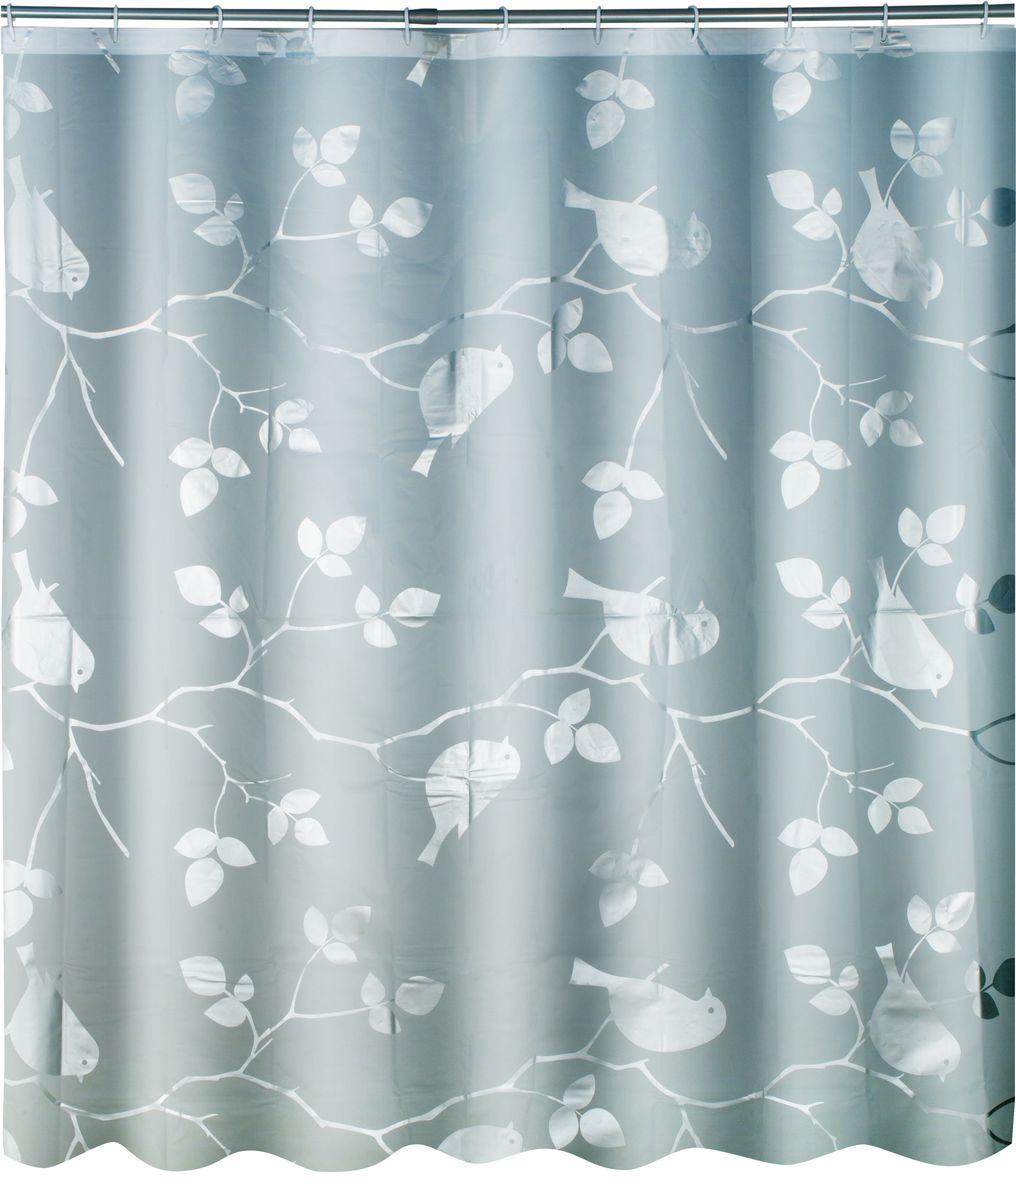 Штора для ванной Swensa Birds, цвет: серый, 180 х 180 смSWC-50-02Штора выполнена из материала ПЕВА и EVA (вспененный этиленвинилацетат) и оформленаоригинальным рисунком. Она надежно защитит от брызг и капель пространство вашей ваннойкомнаты в то время, пока вы принимаете душ. В верхней кромке шторы предусмотрены отверстиядля пластиковых колец, которые входят в комплект.